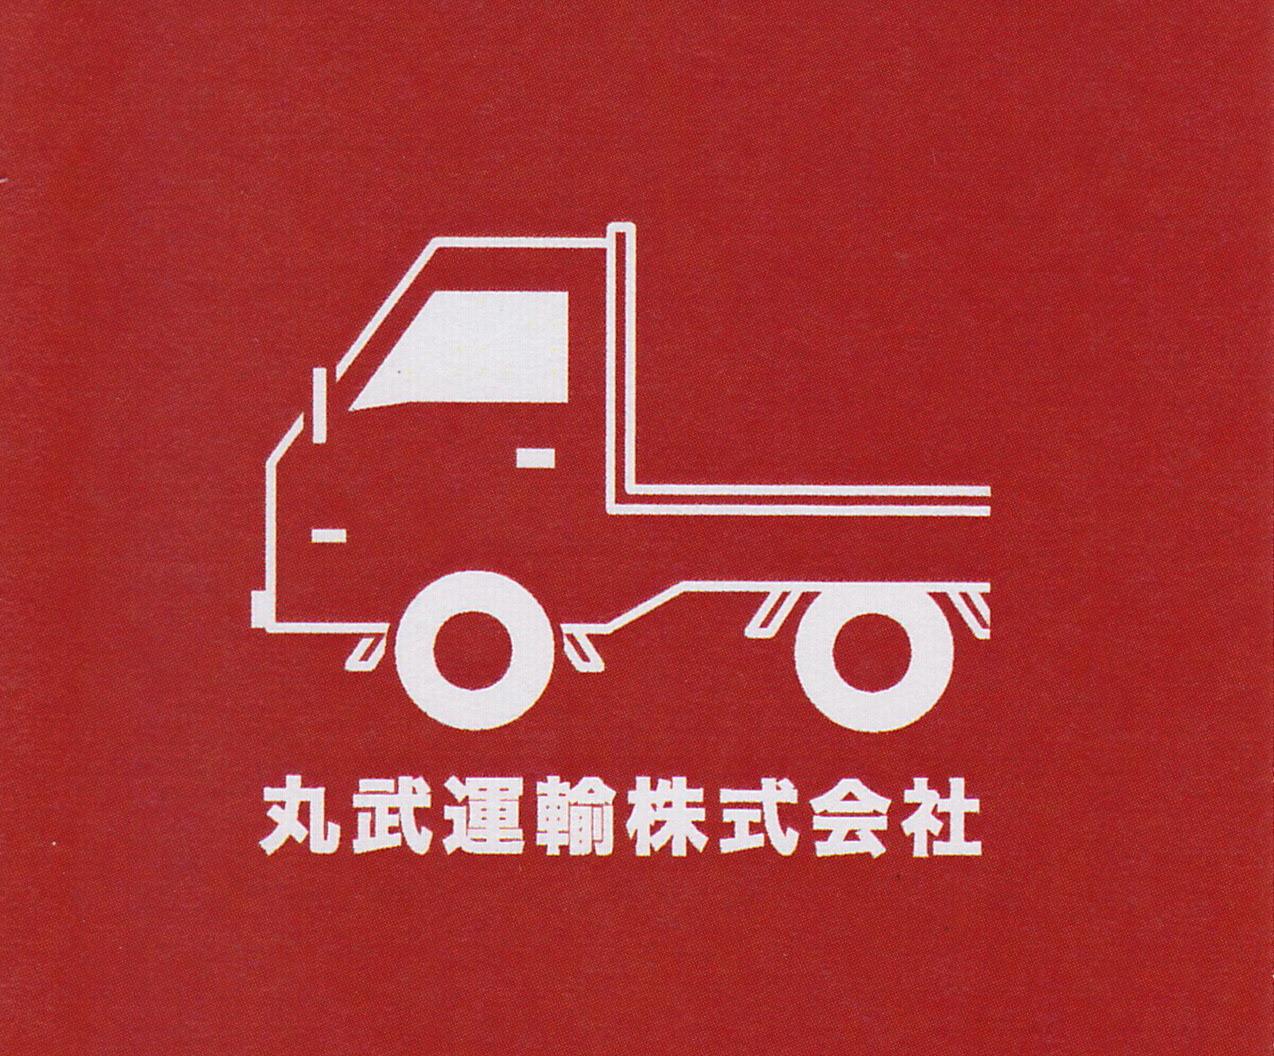 丸武運輸株式会社 本社 4tドライバーのアルバイト情報